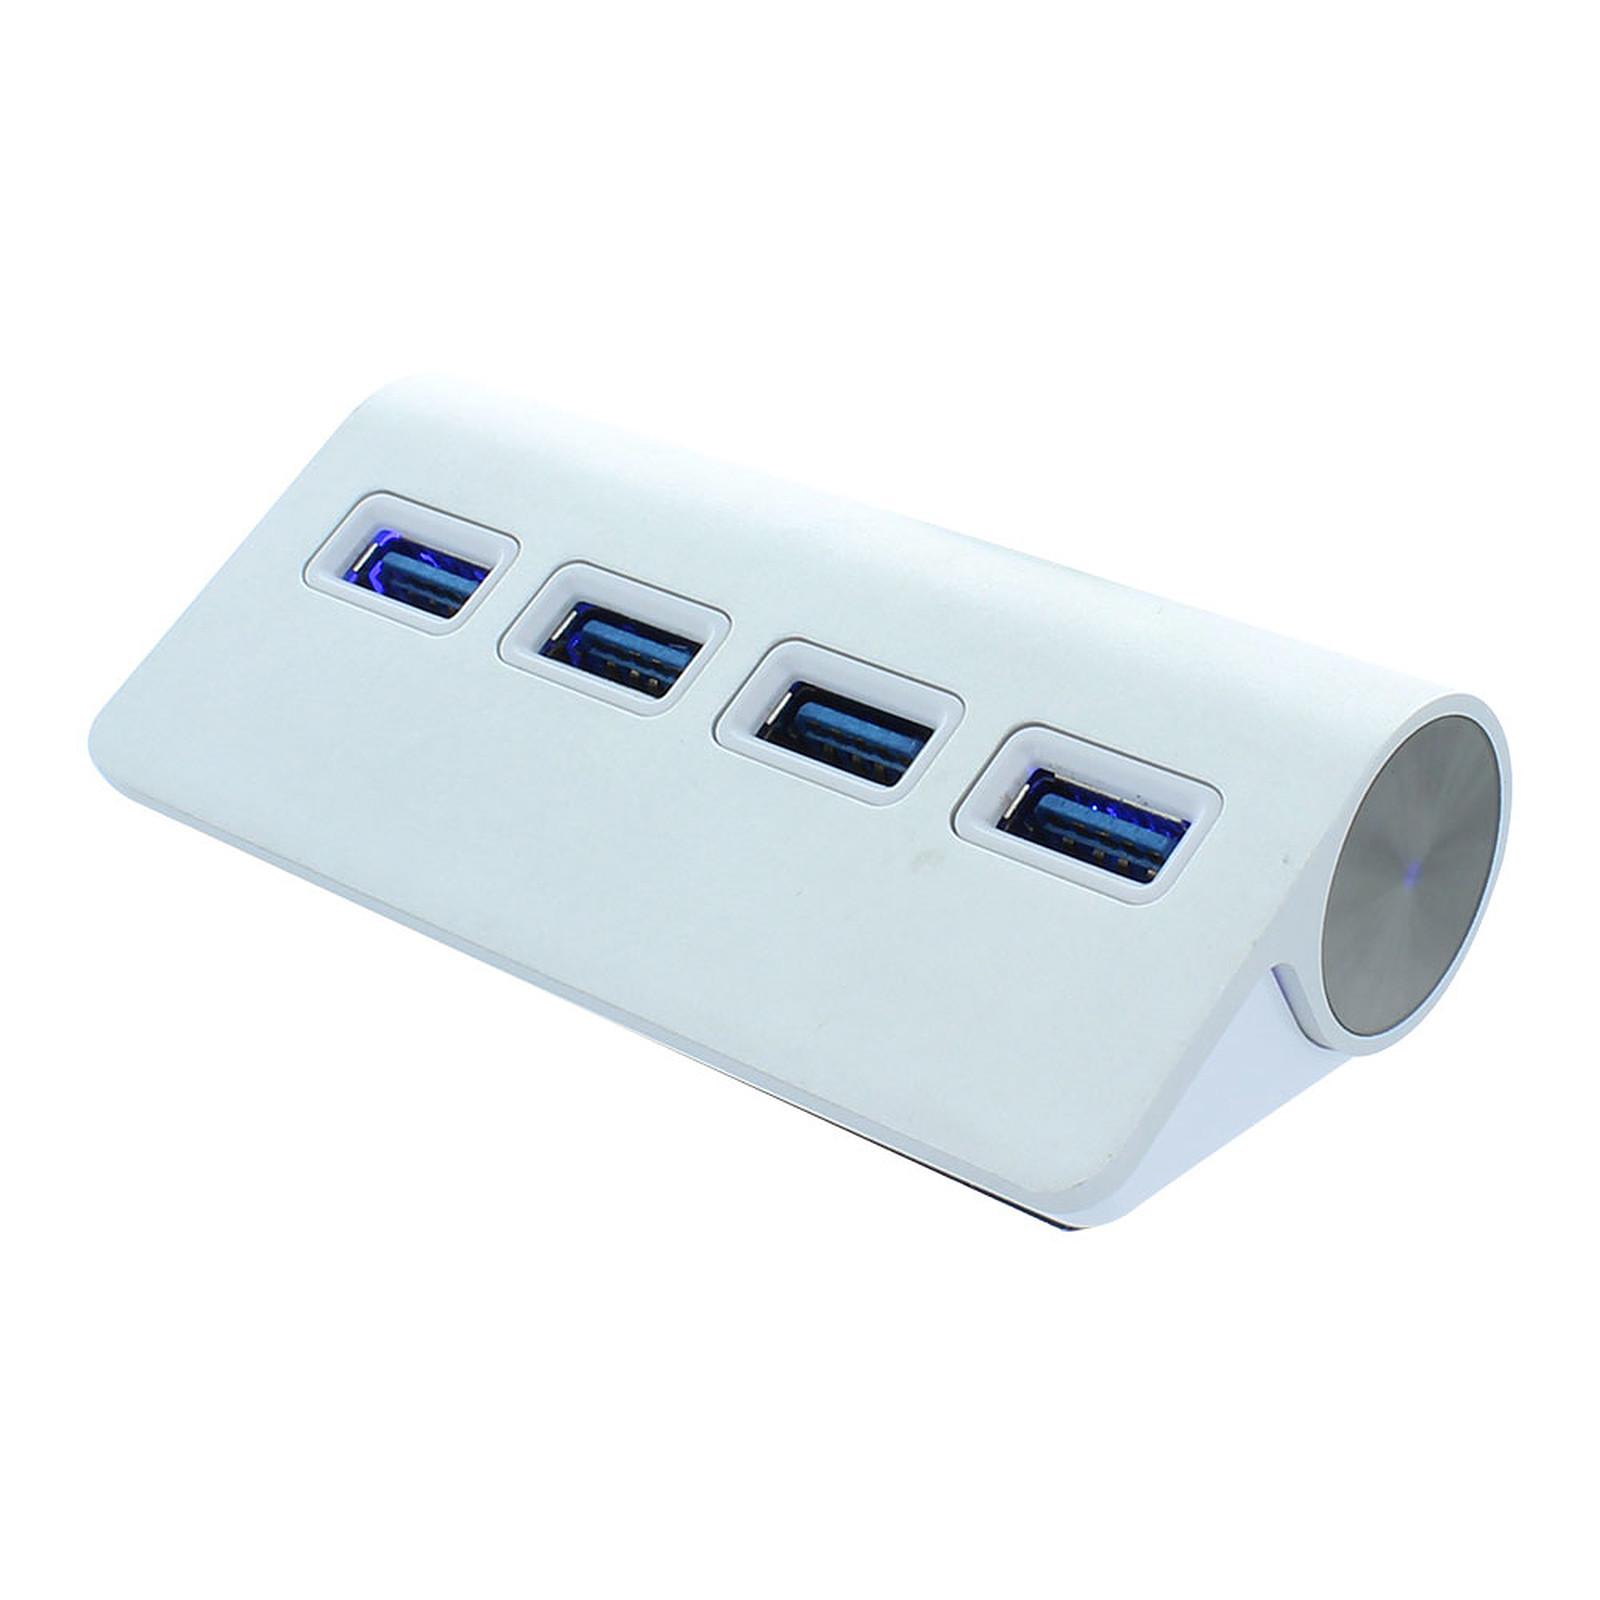 Mobility Lab USB 3.0 Hub for Mac